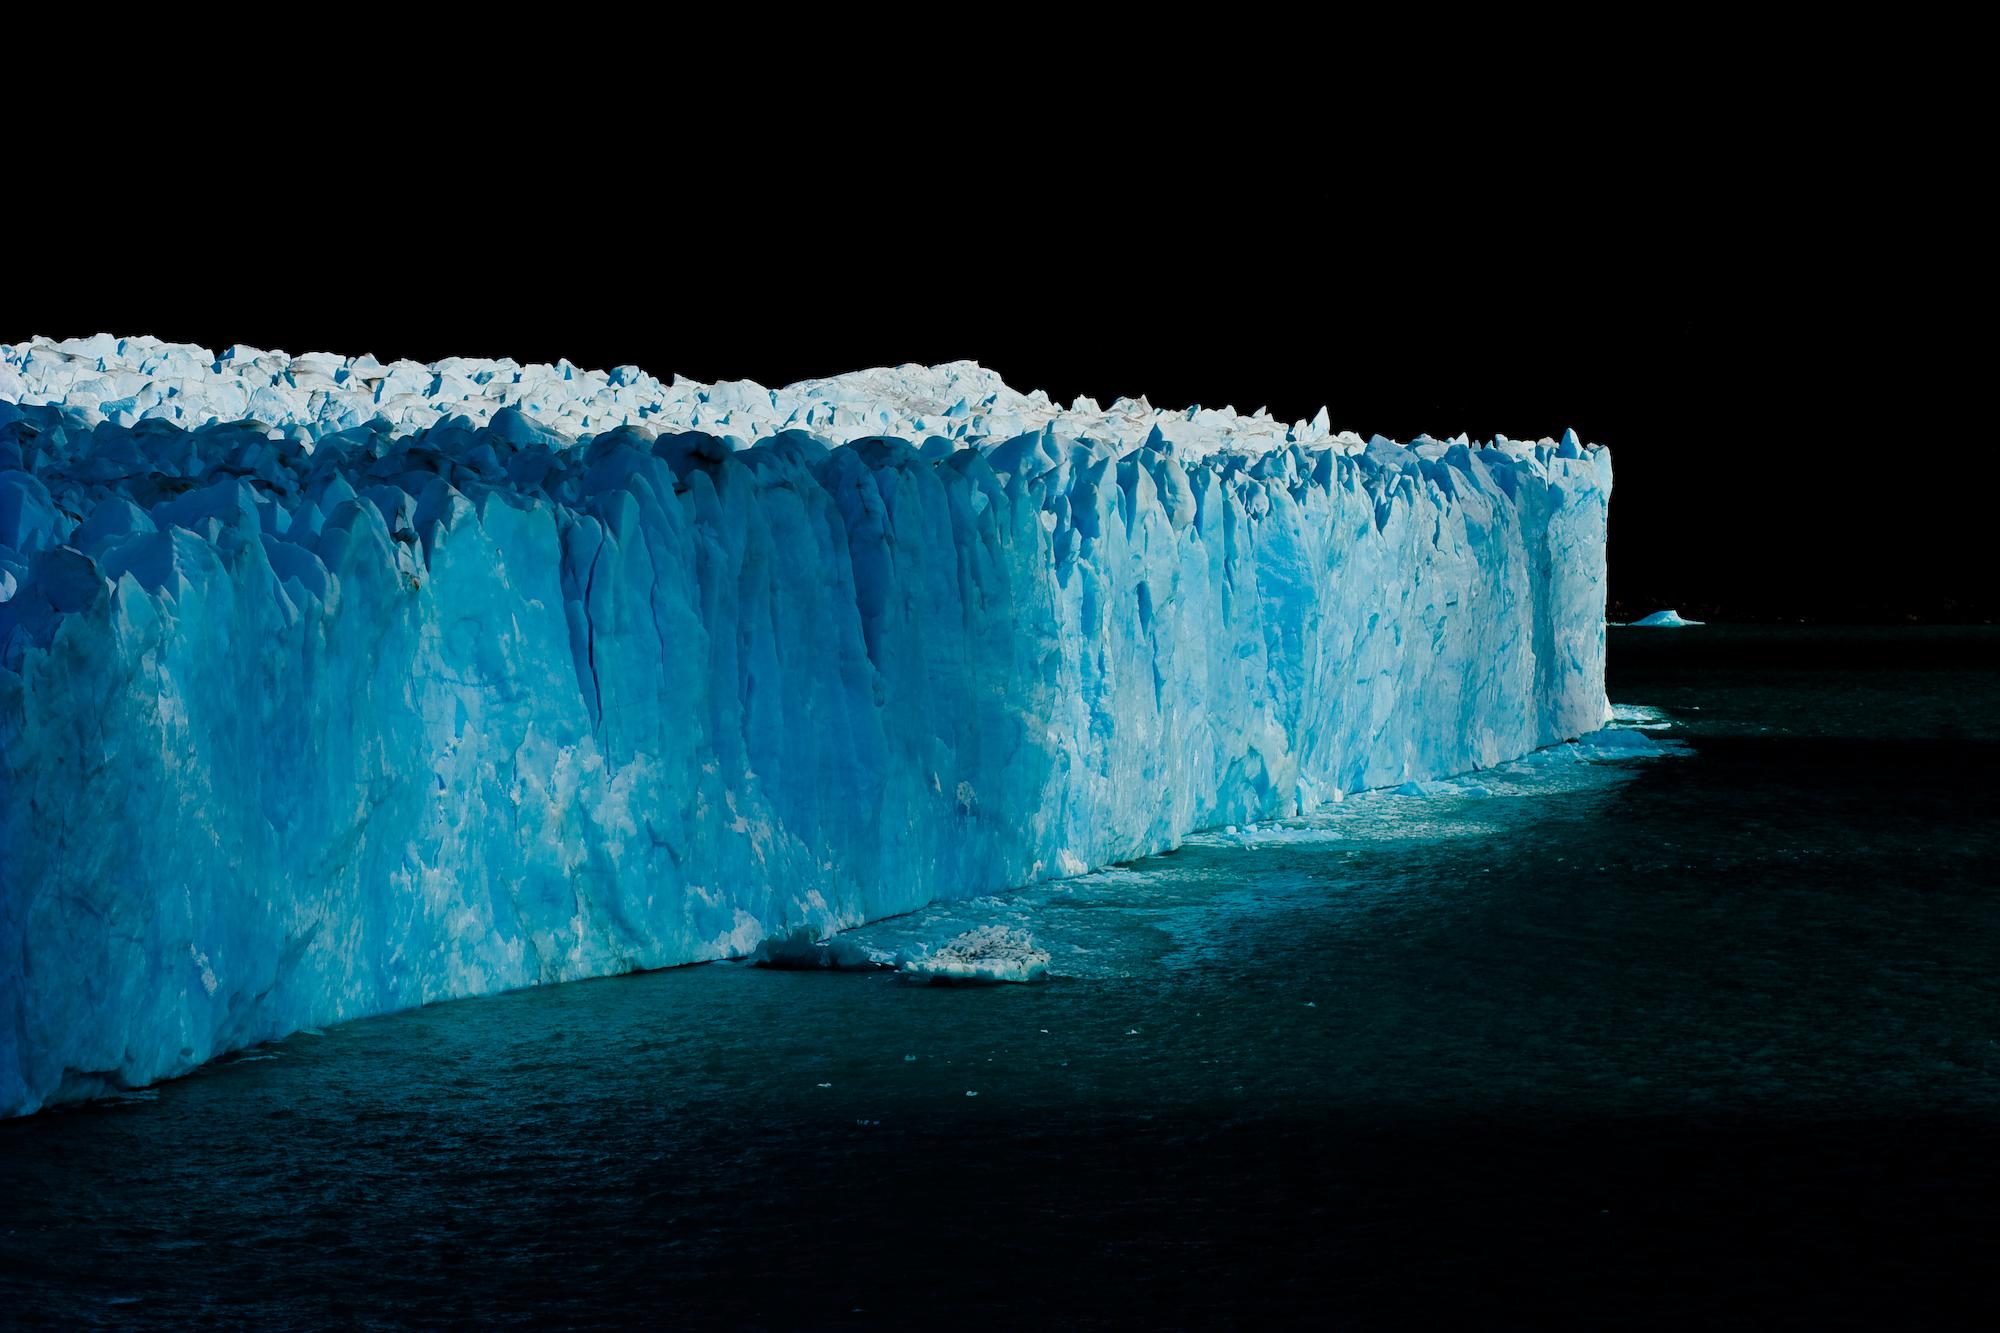 glacier wallpaper antartica